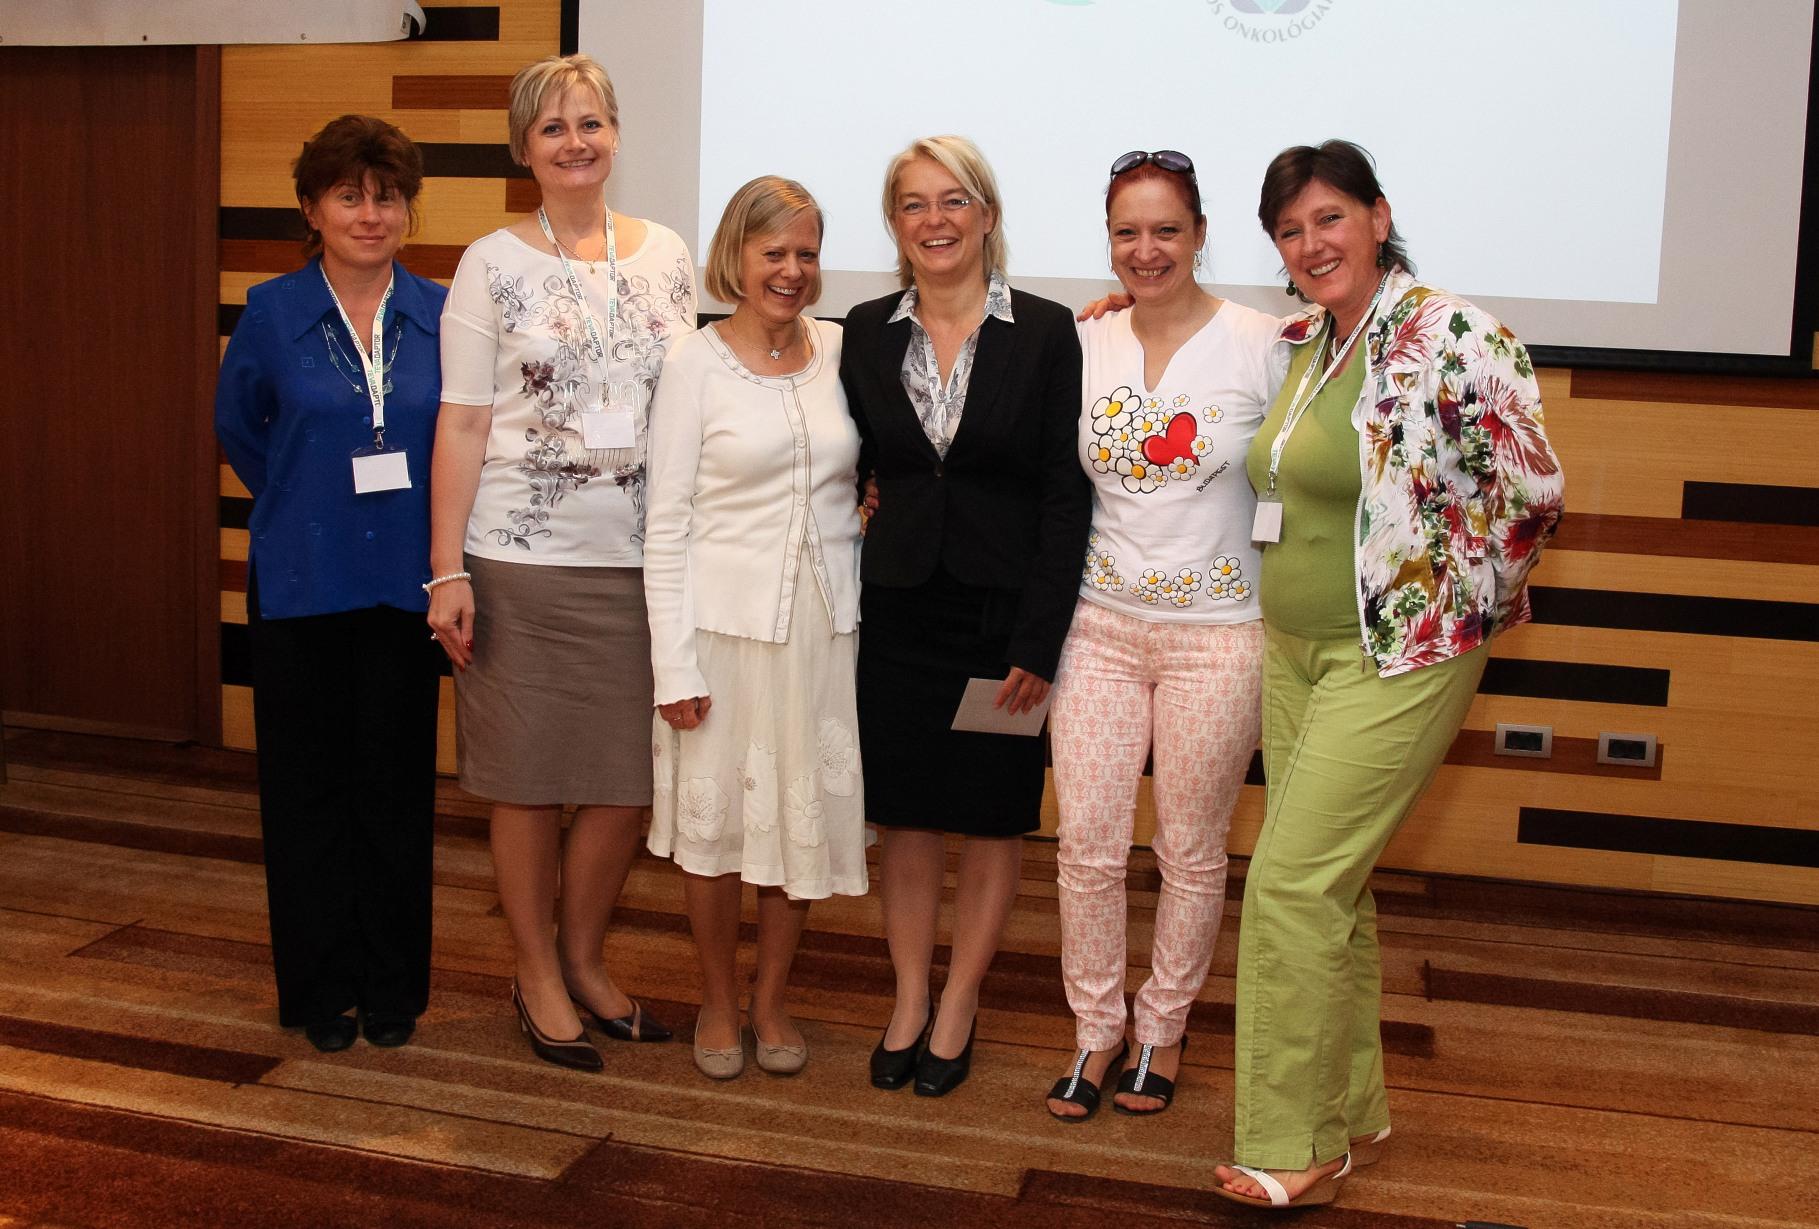 Kékgolyó Napok 2013 – Országos Onkológiai Szakdolgozói Továbbképző Konferencia és Kiállítás